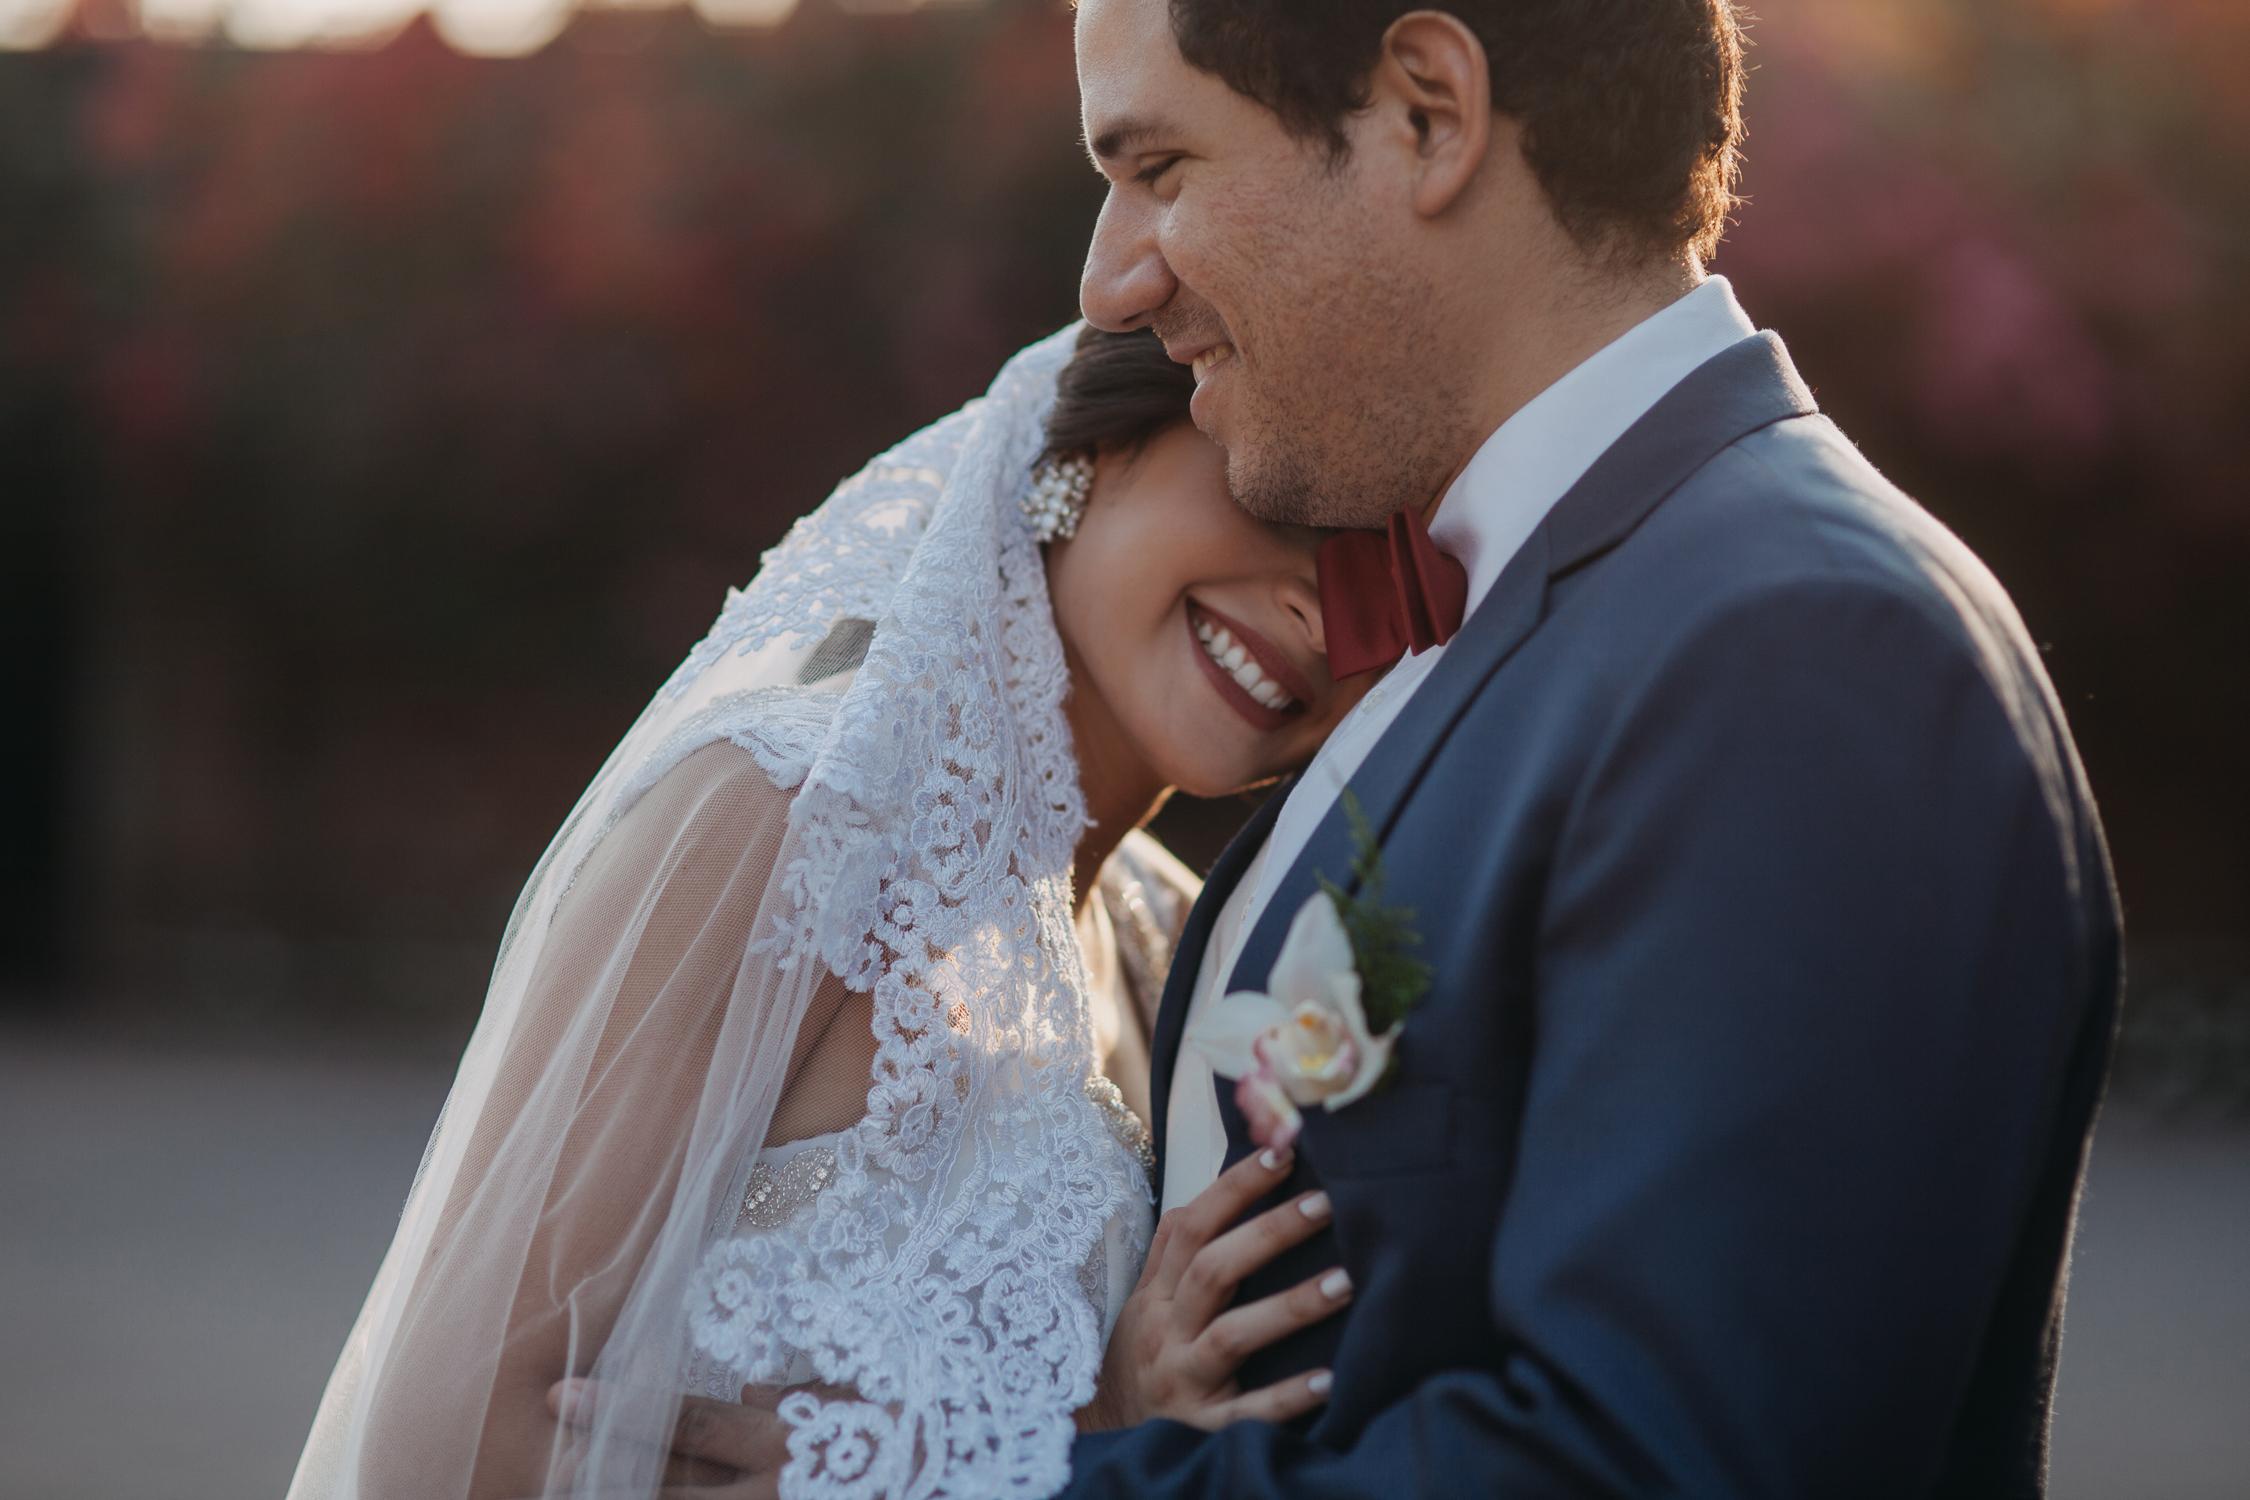 Michelle-Agurto-Fotografia-Bodas-Ecuador-Destination-Wedding-Photographer-Cristi-Luis-93.JPG